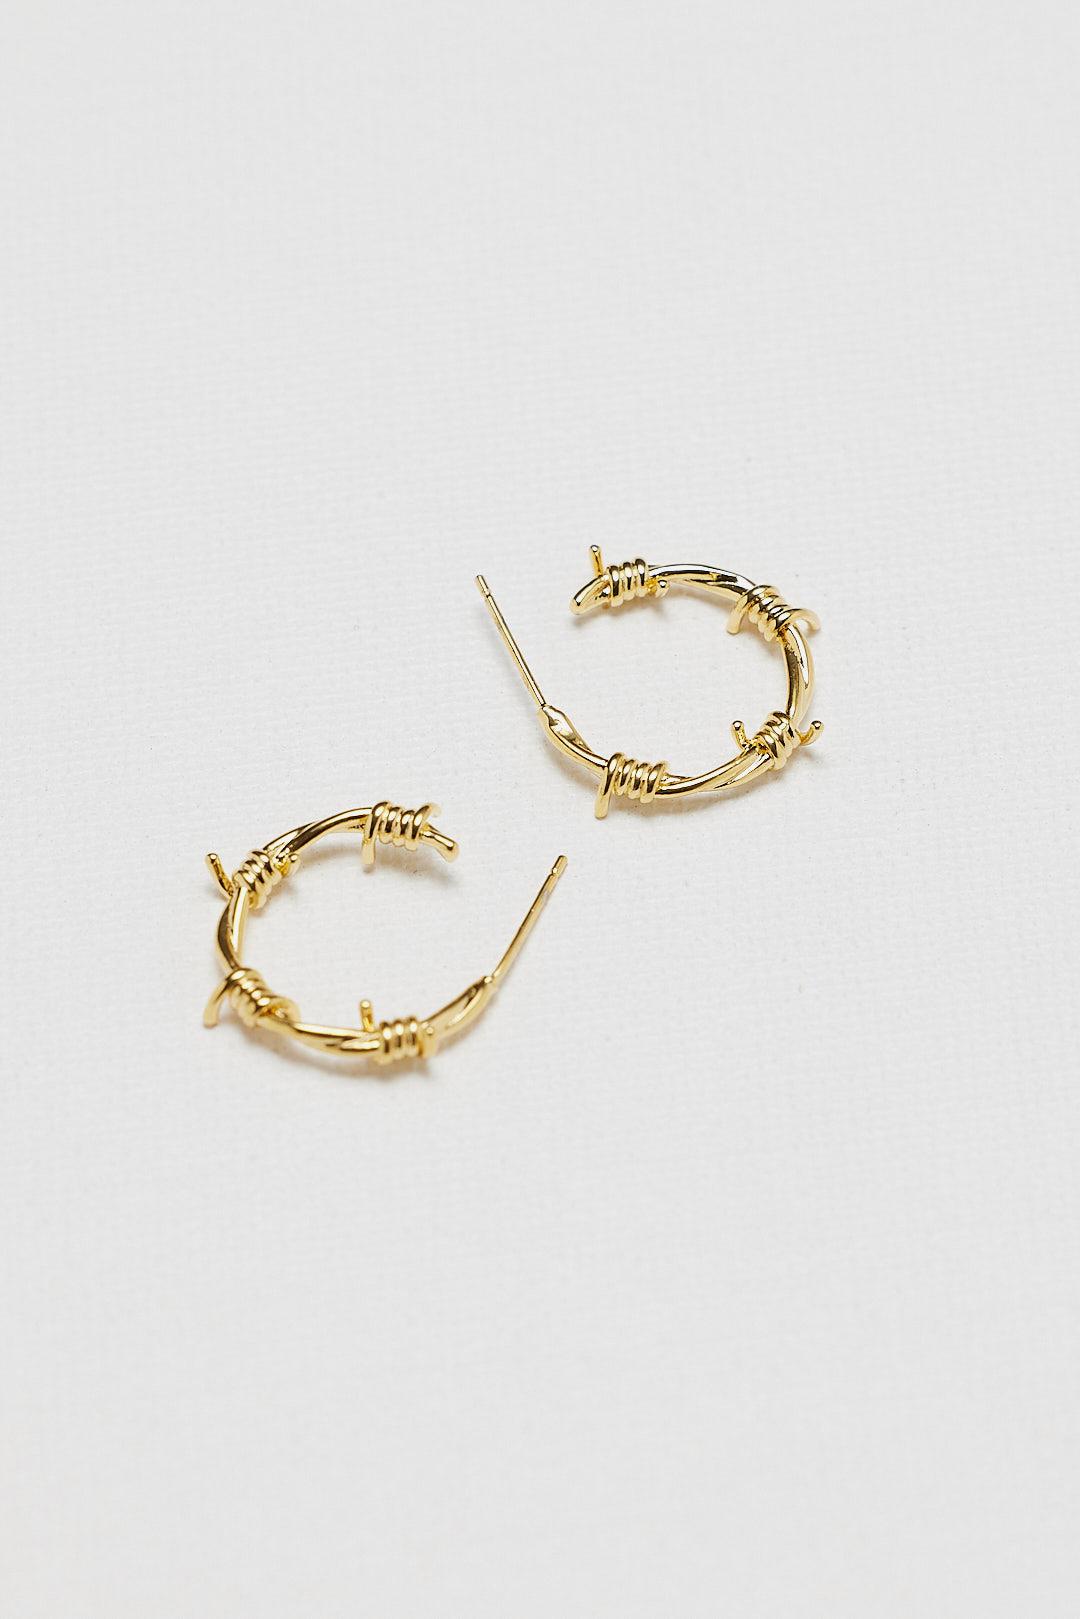 Bexis Hoop Earrings